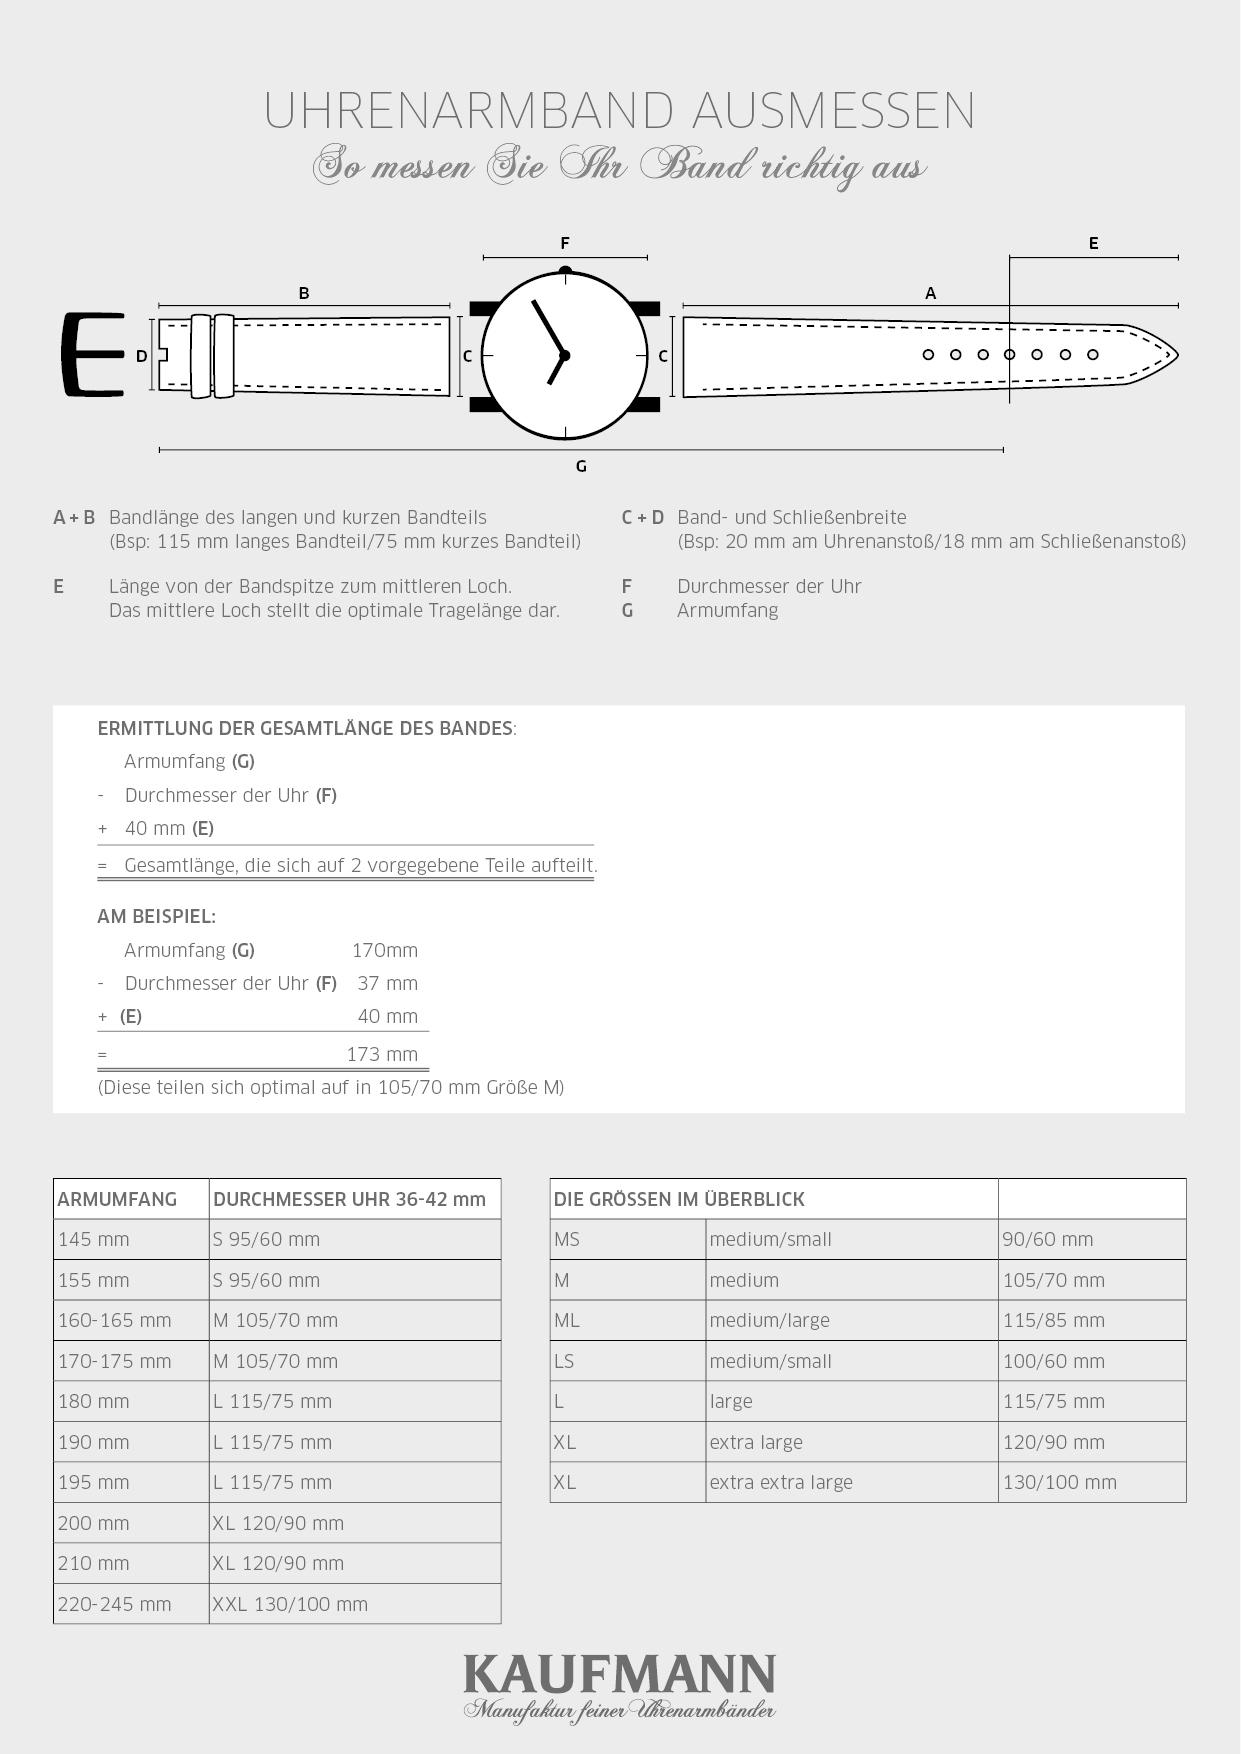 Merkblatt-Bandlaengen-ausmessen